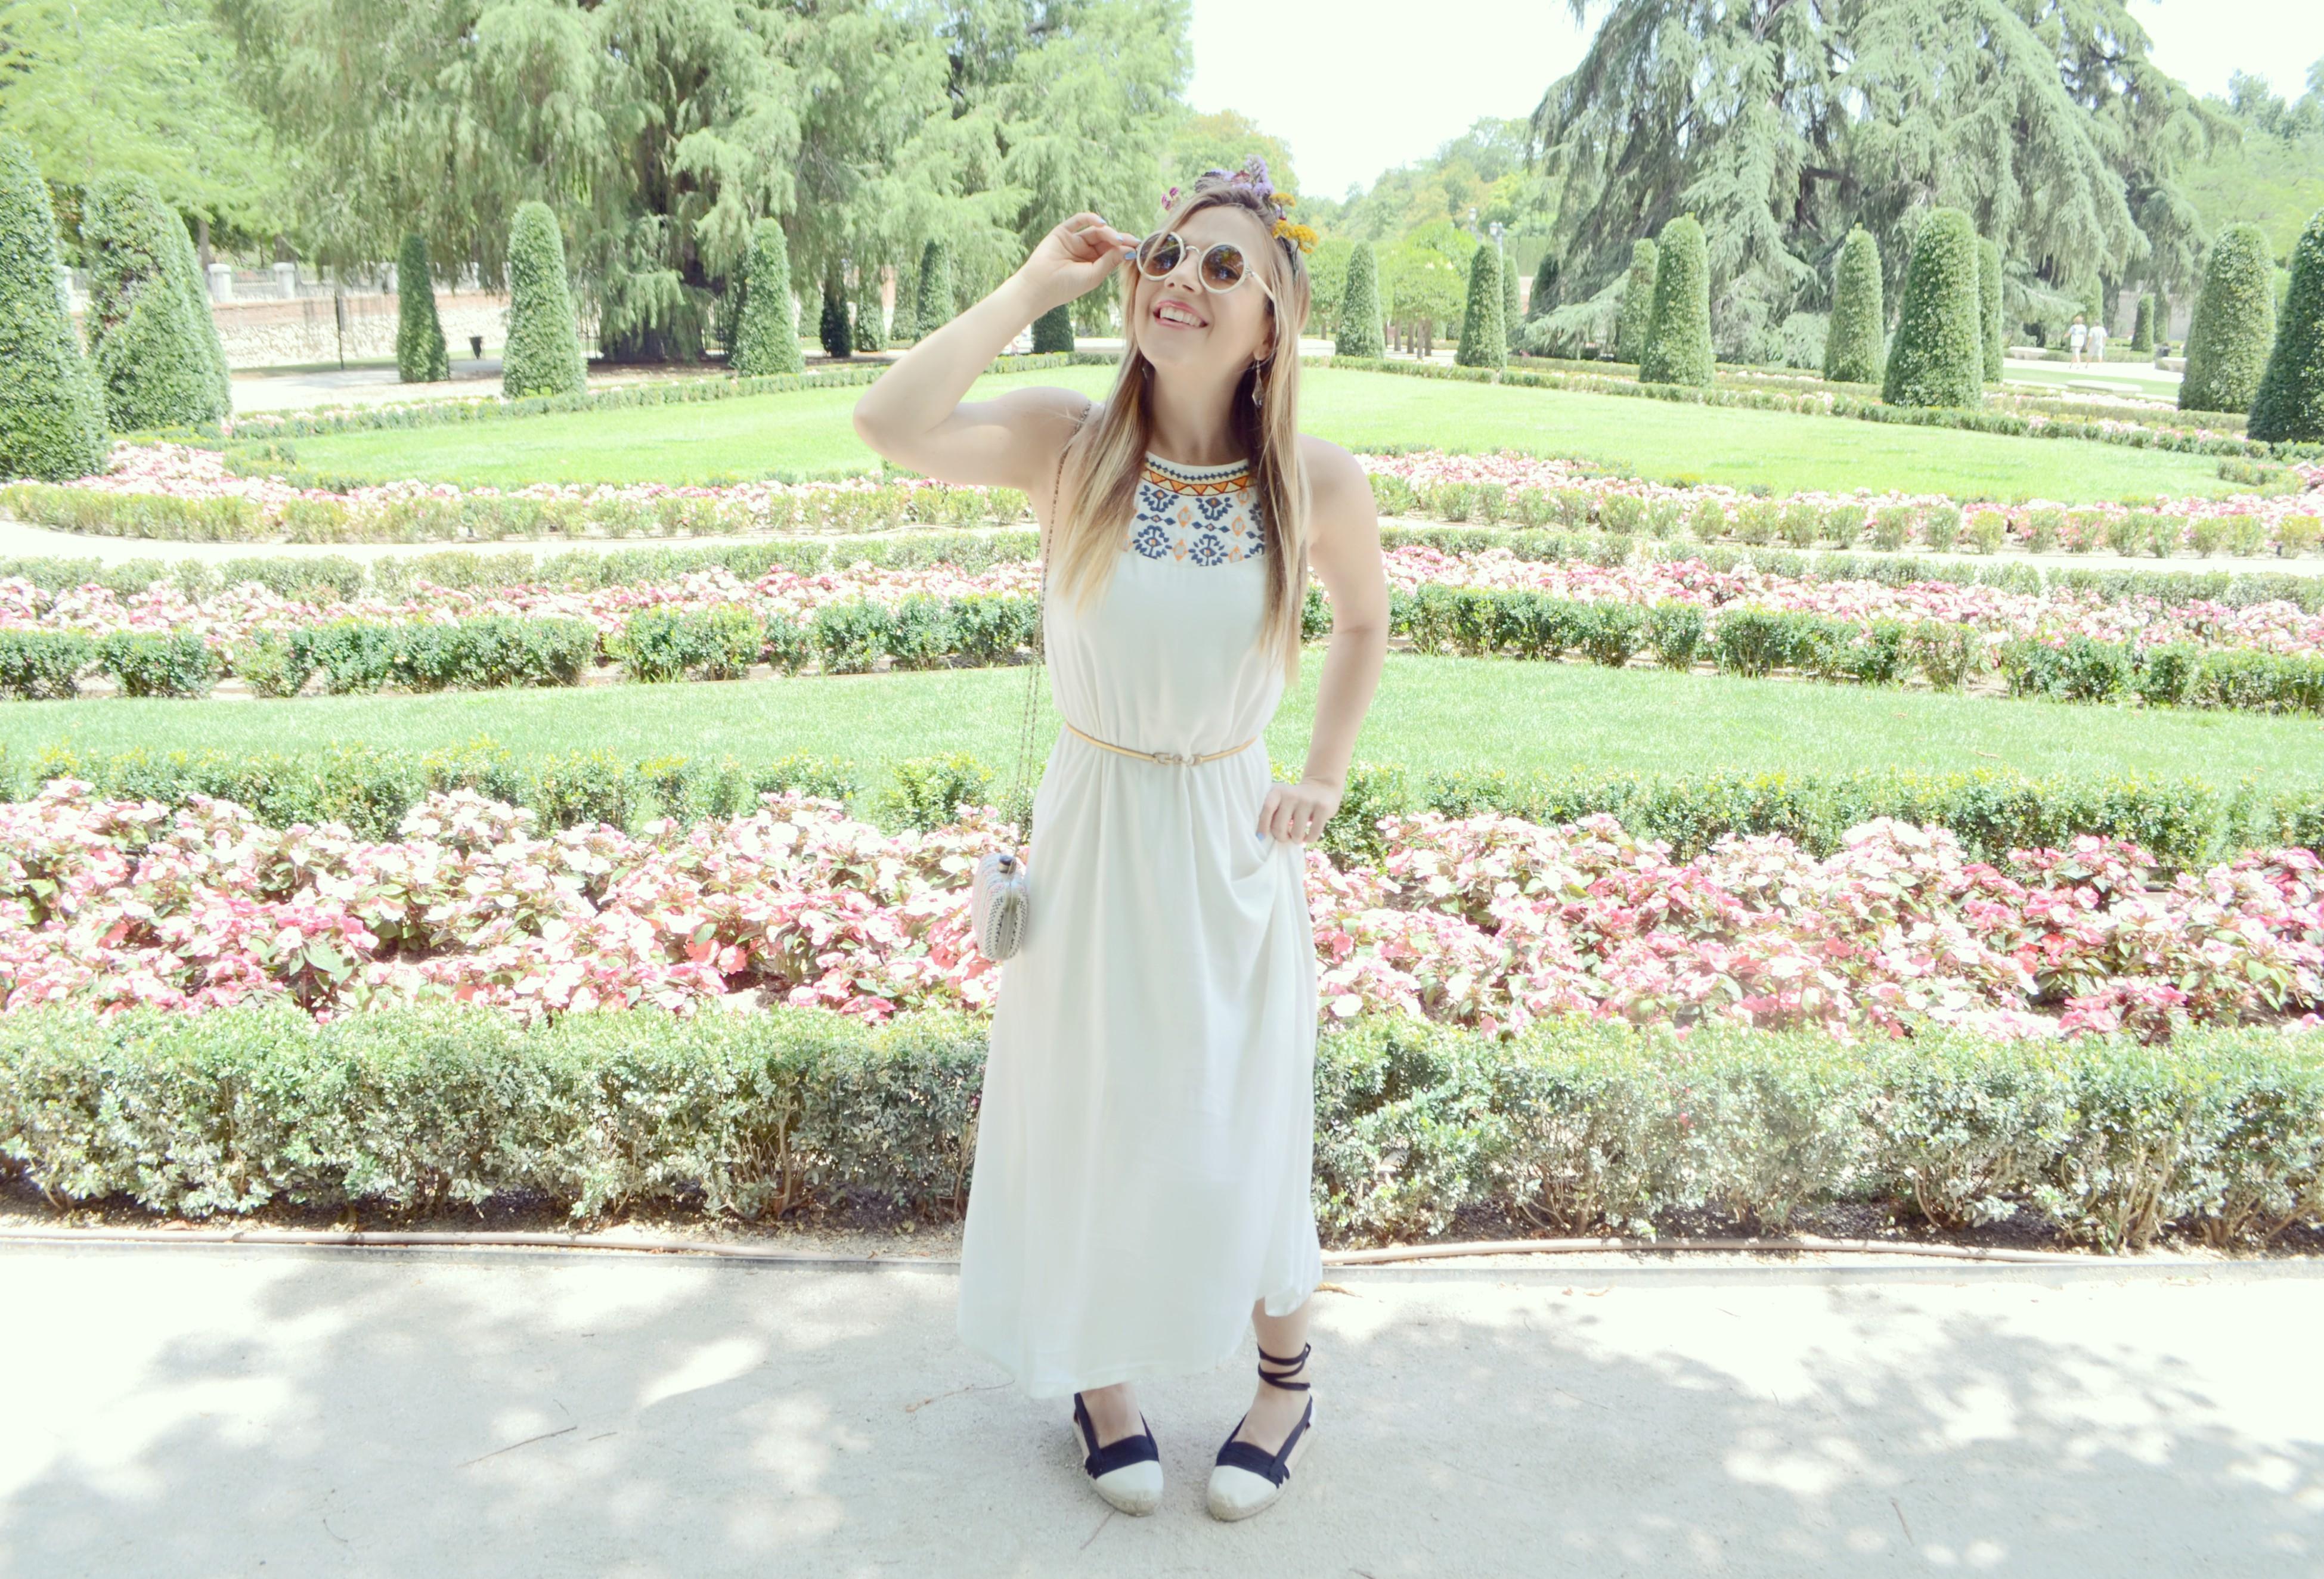 Blog-de-moda-fashionista-ChicAdicta-vestidos-largos-de-verano-Chic-Adicta-influencer-surkana-hippie-PiensaenChic-Piensa-en-Chic